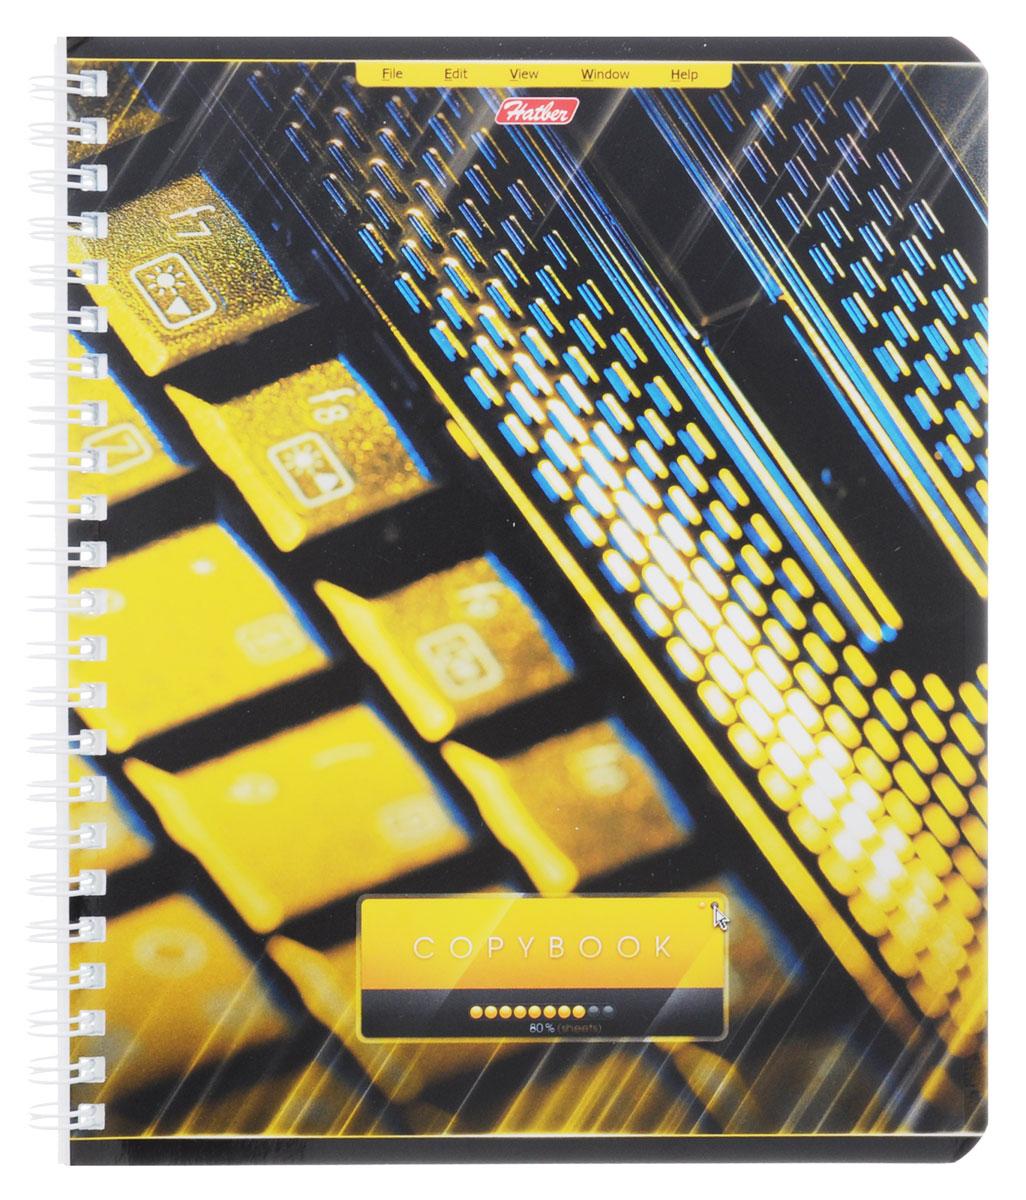 Hatber Тетрадь Офис 80 листов в клетку цвет желтый80Т5вмB1гр_желтаяТетрадь Hatber Офис подойдет как школьнику, так и студенту. Обложка тетради выполнена из картона и оформлена оригинальным изображением. Внутренний блок состоит из 80 листов белой бумаги. Стандартная линовка в голубую клетку без полей. Листы тетради соединены металлическим гребнем.